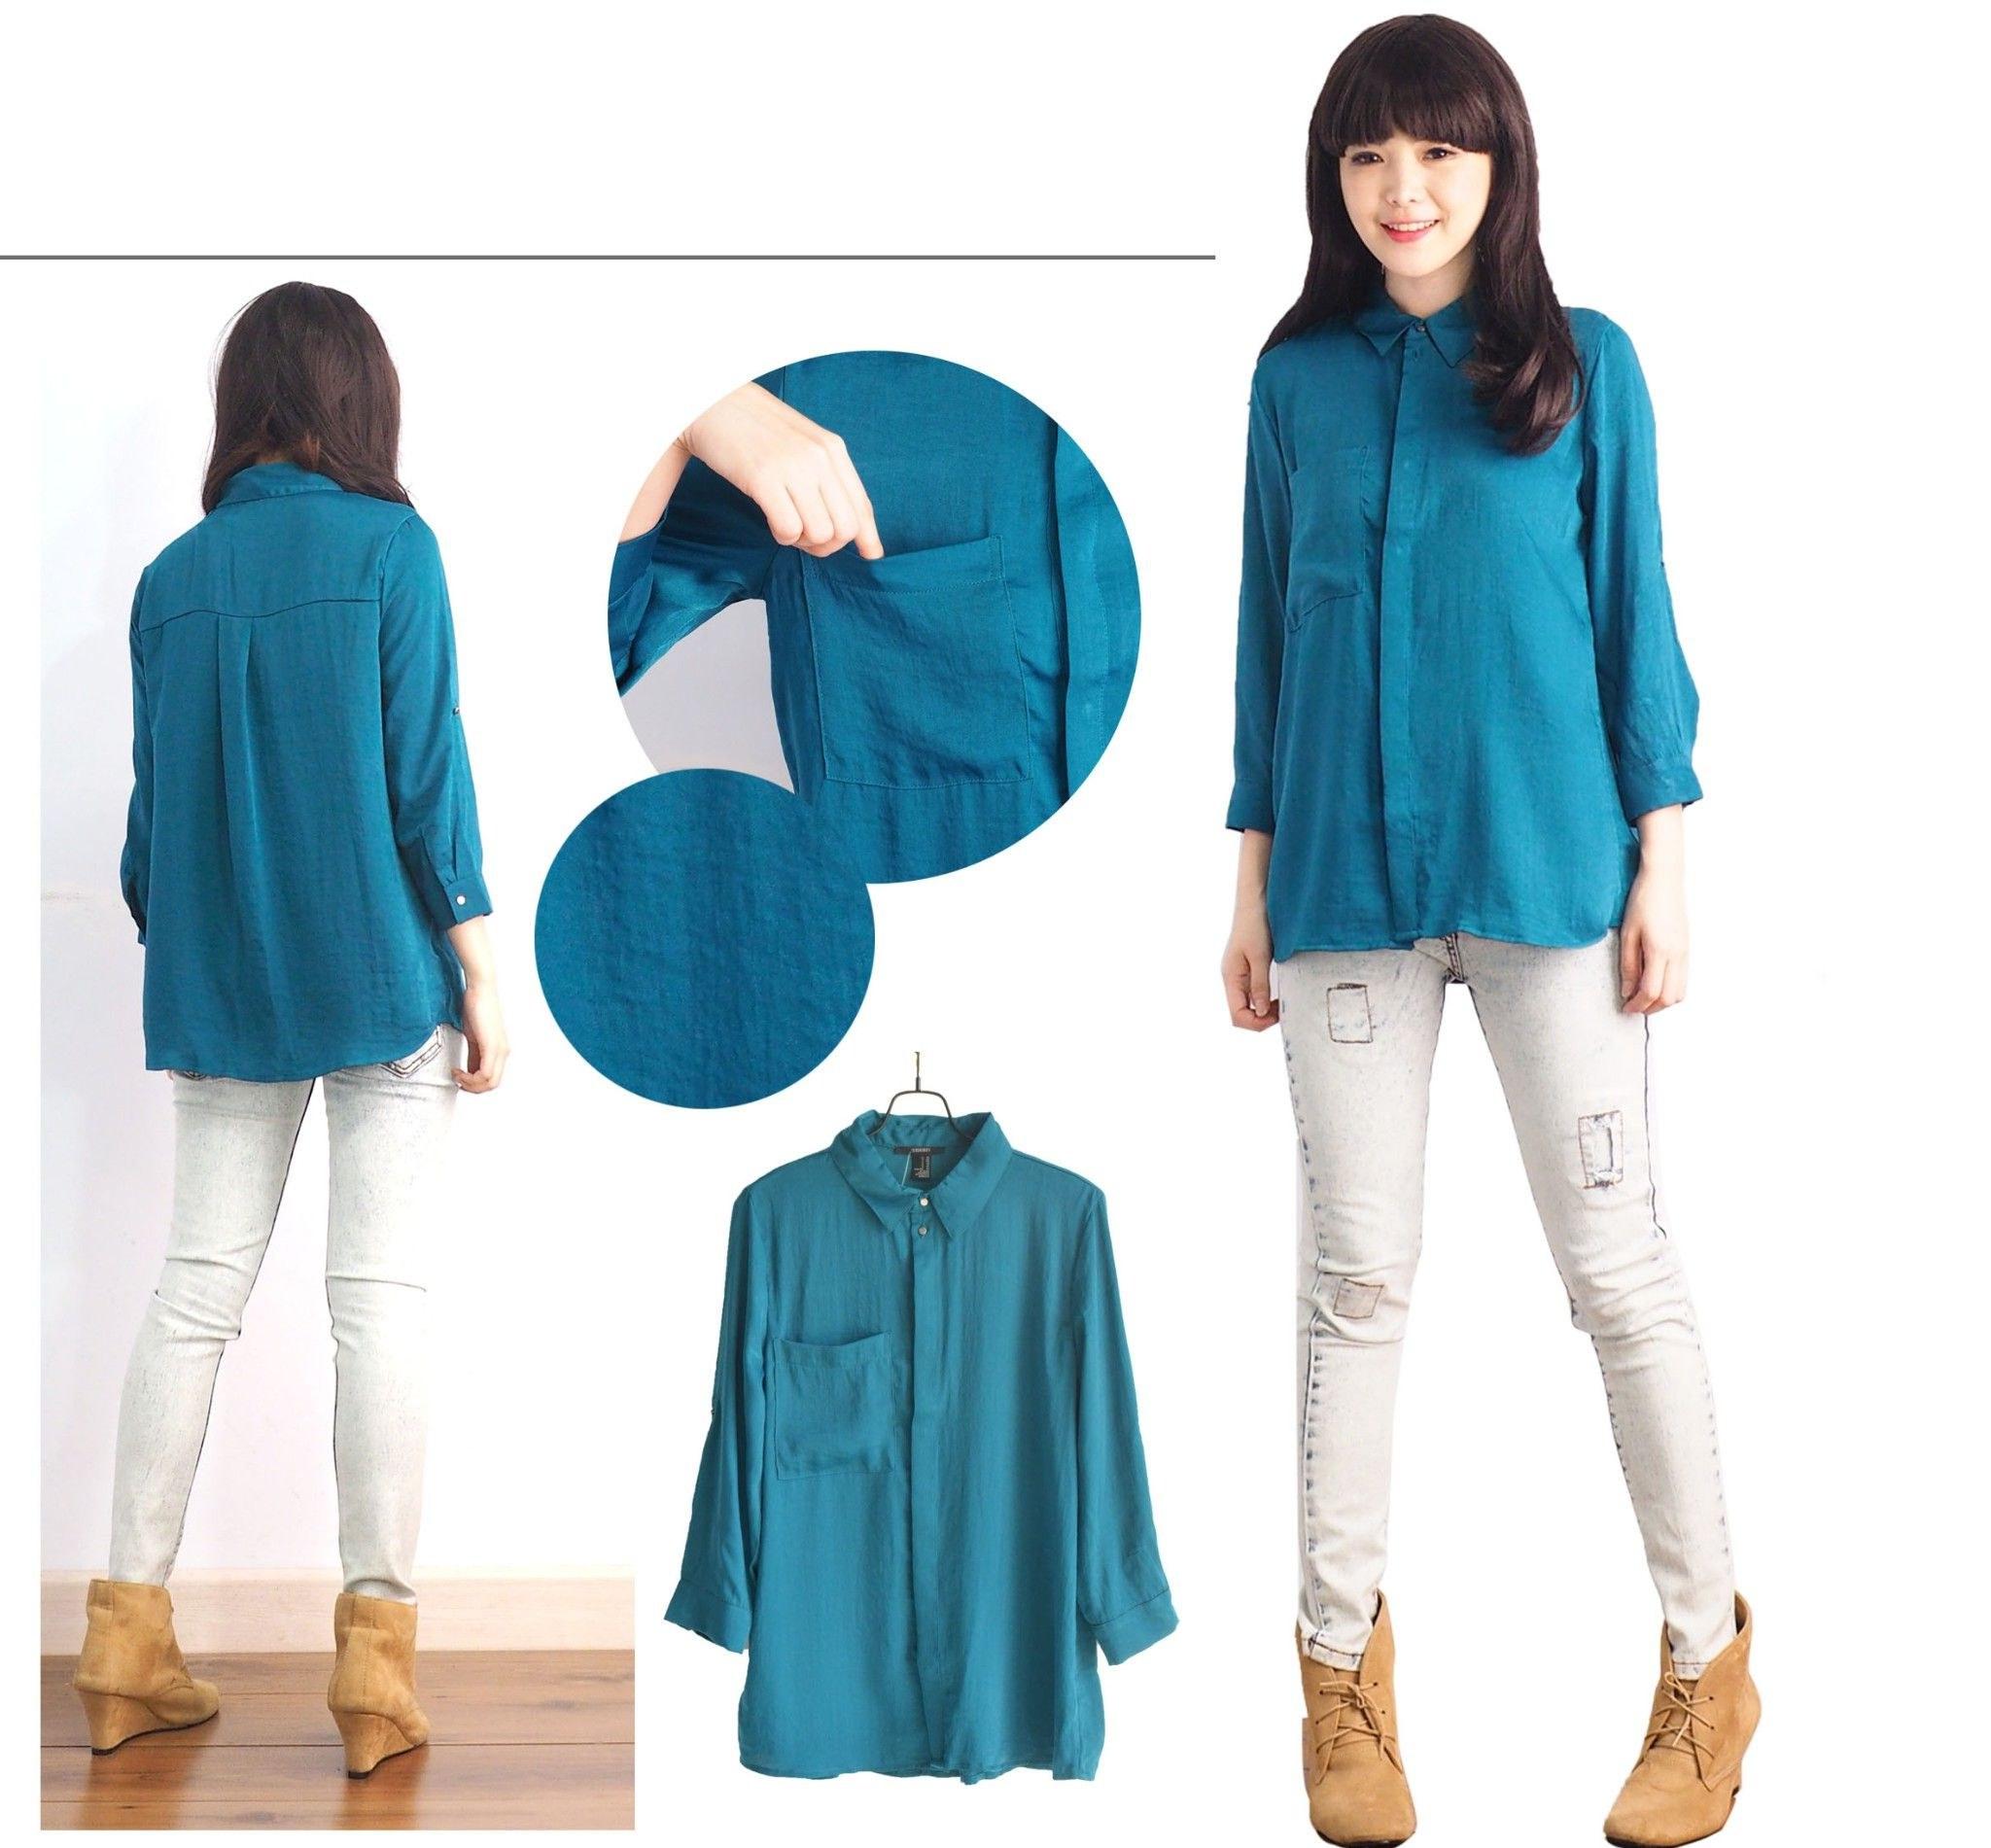 Bentuk Harga Baju Lebaran Thdr Blouse Muslim Model Pakaian Wanita Terbaru Pakaian Bayi